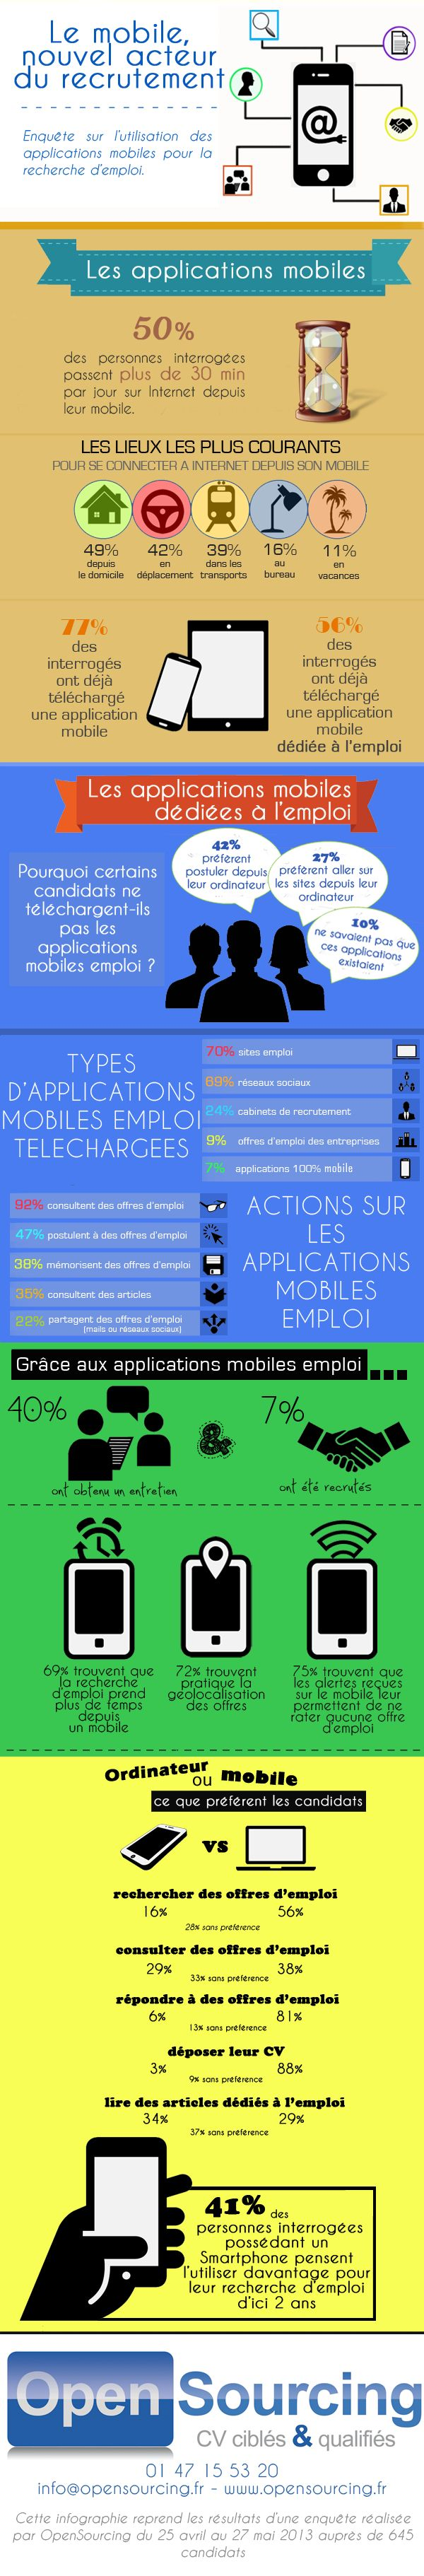 infographie   les mobiles  outils indispensables de la recherche d u0026 39 emploi